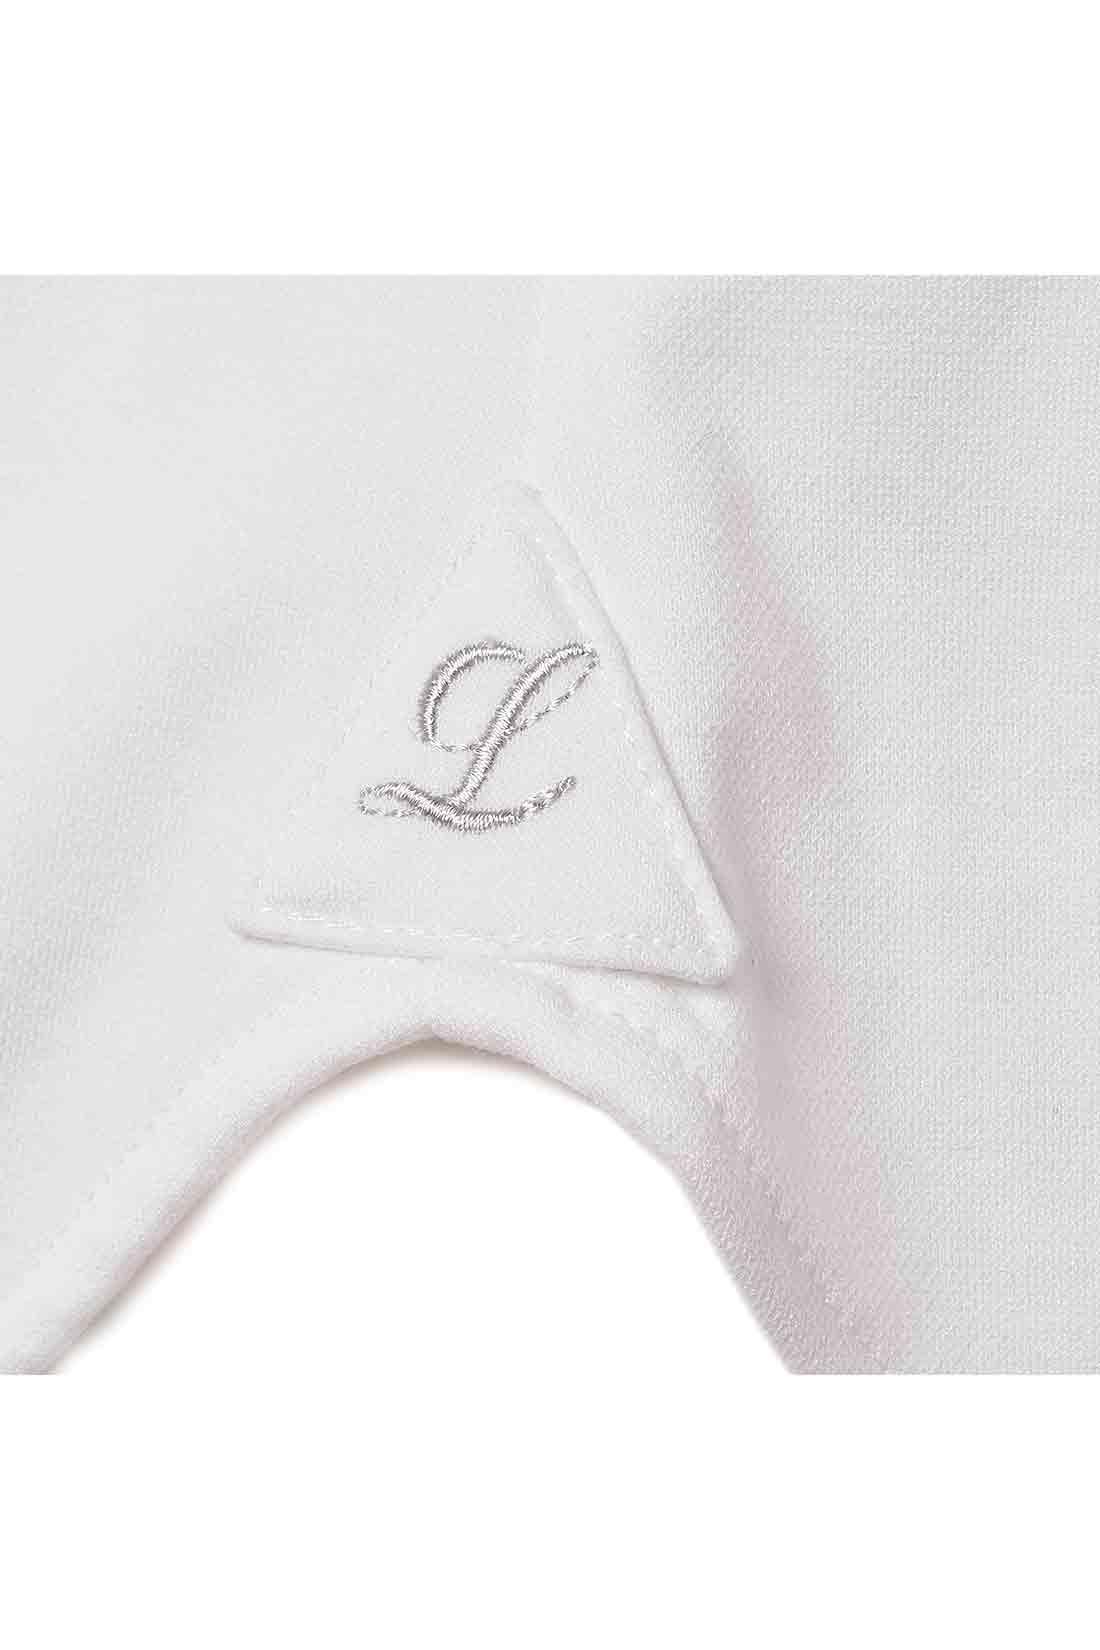 すその左サイドにオリジナル刺しゅう 本格仕様のシャツに見られる三角パッチ(ガゼット)に、ブランドイニシャルの刺しゅうを添えてさりげないポイントに。